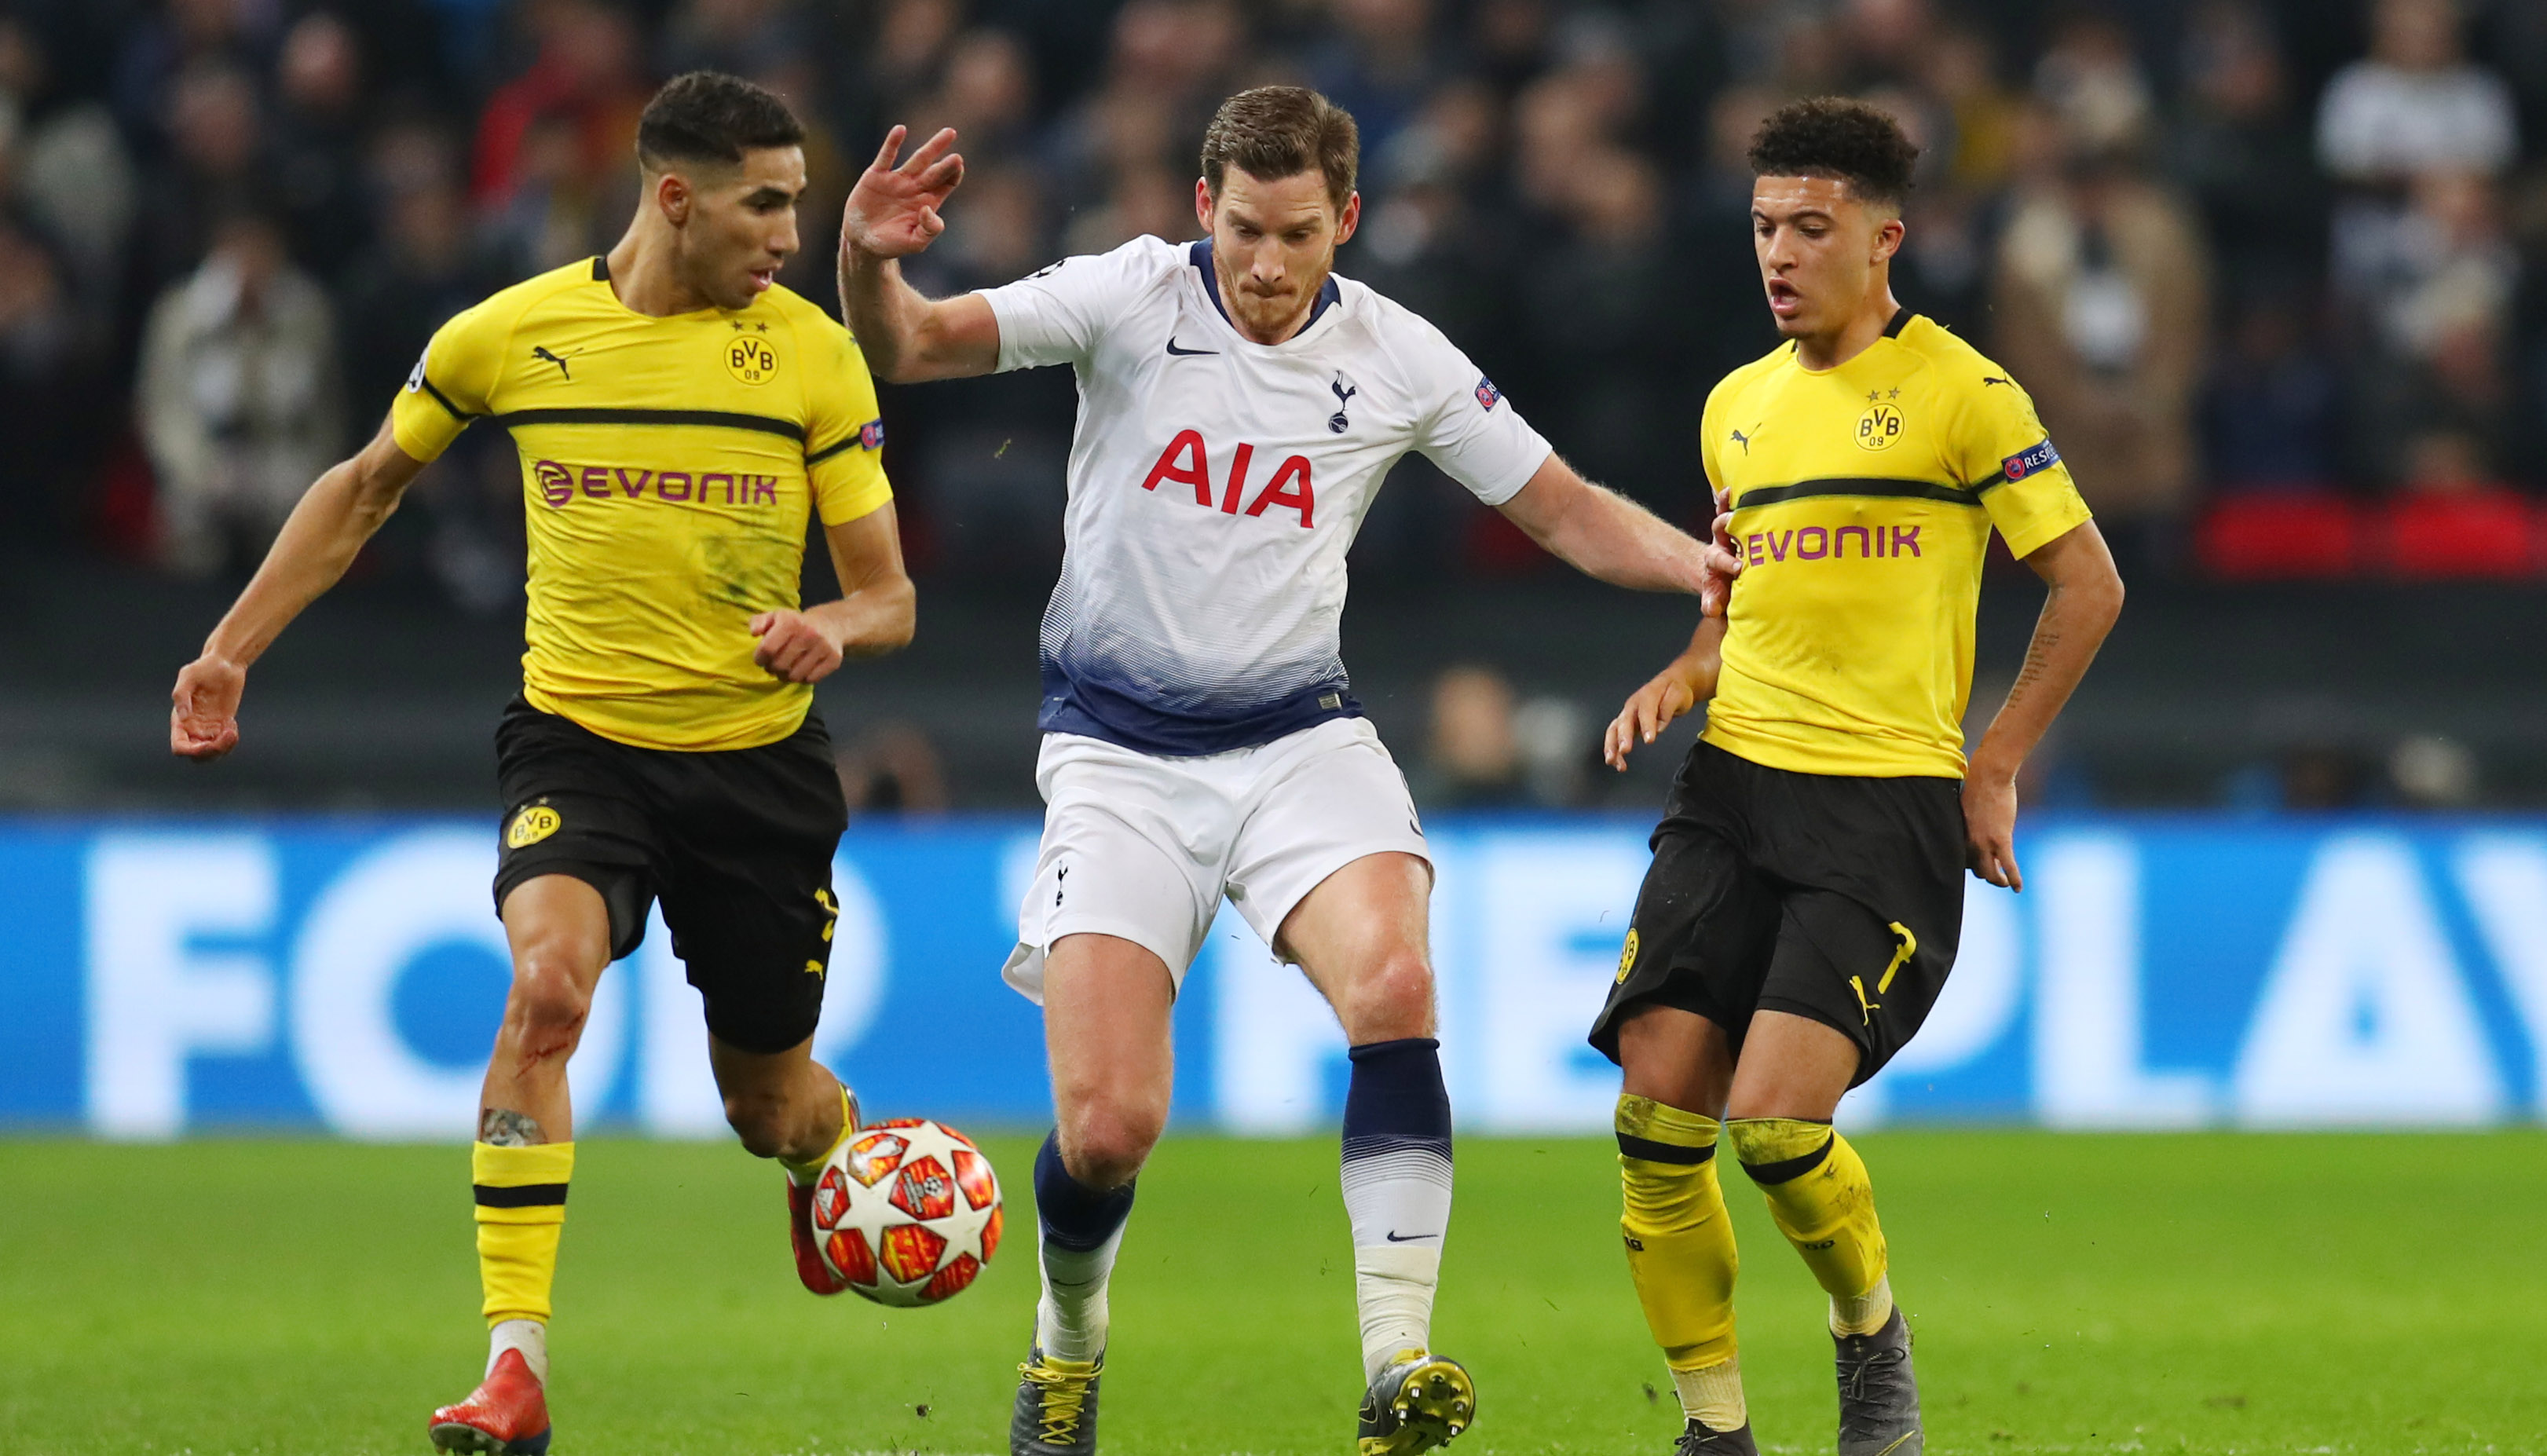 BVB – Tottenham: Es braucht mehr als den Geist von Malaga